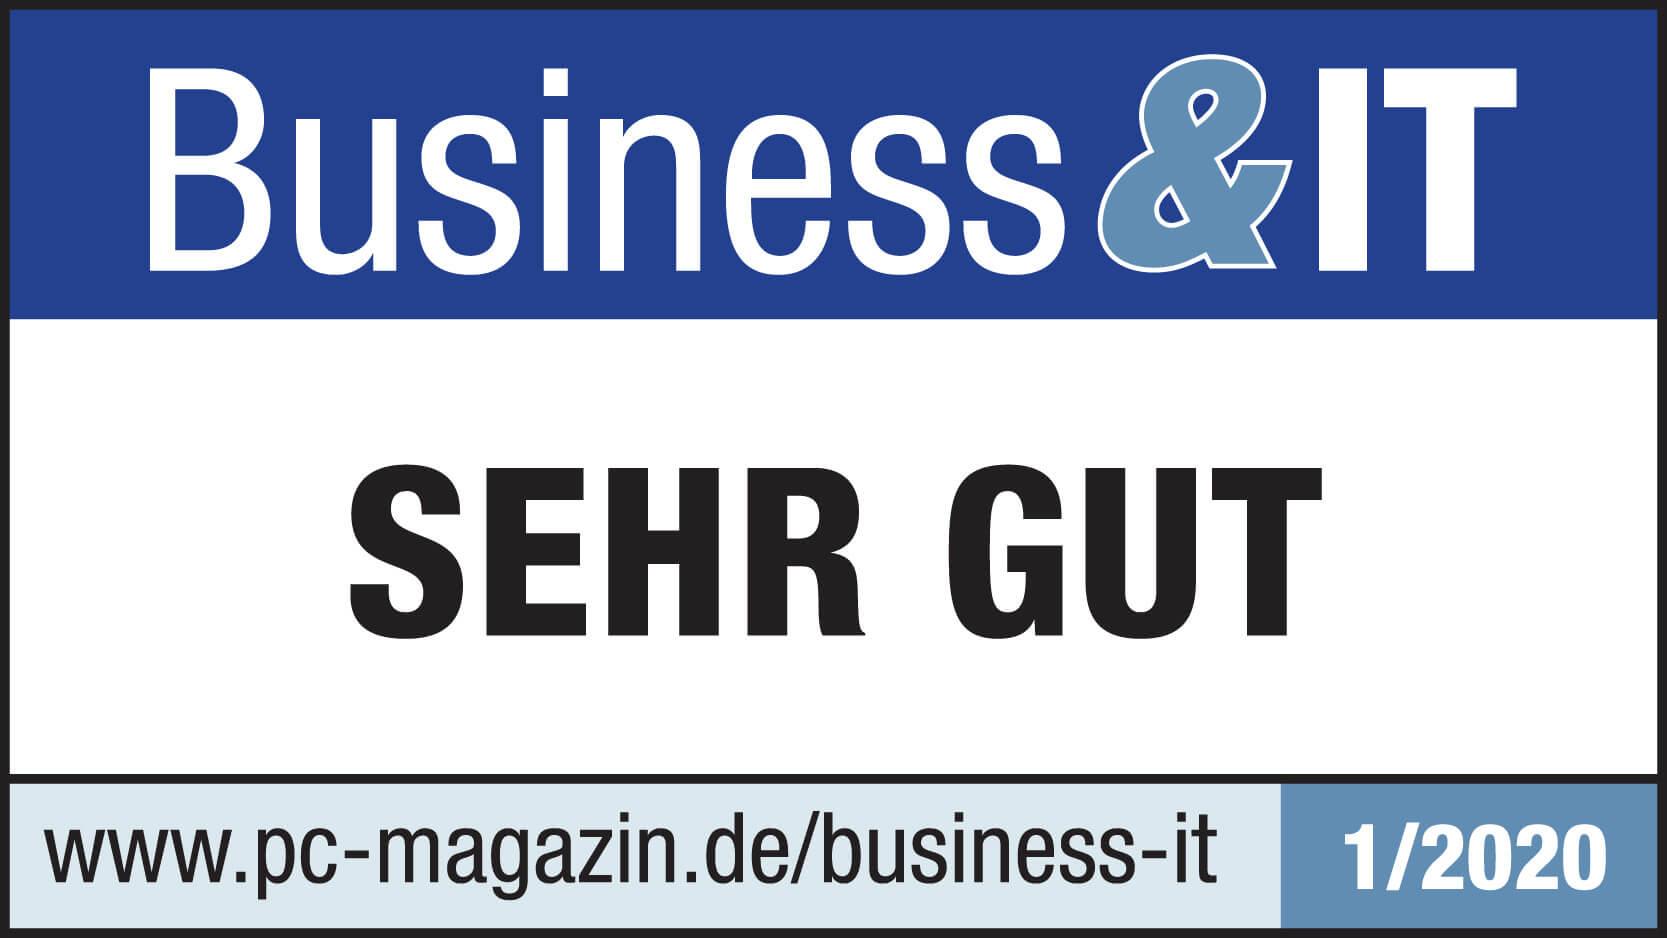 Lohn und Gehalt Business&IT Siegel lexoffice Rechnungsprogramm Buchhaltungssoftware